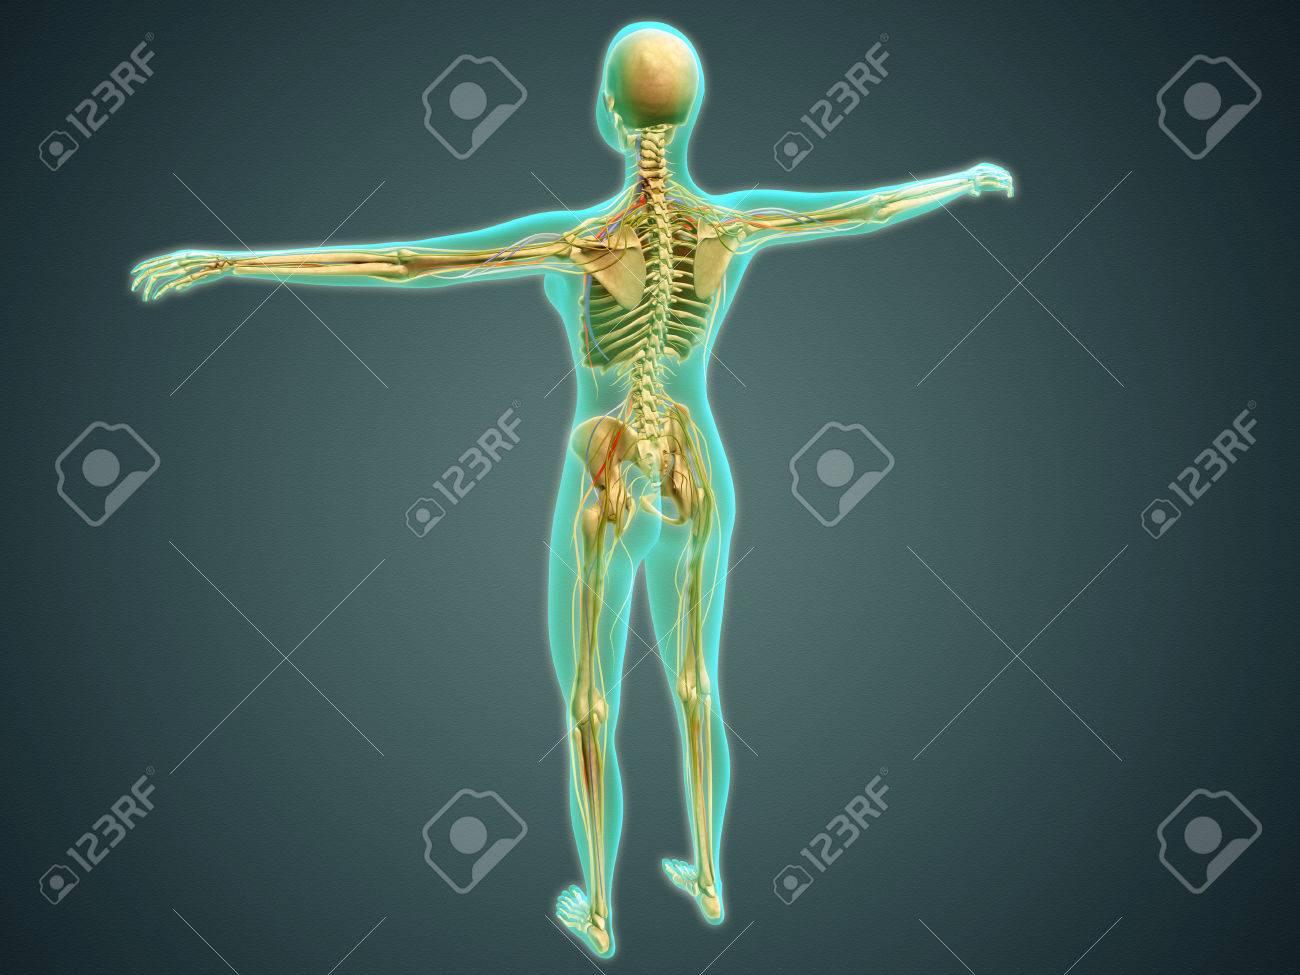 Bonito Diagrama Vena Cuerpo Imágenes - Imágenes de Anatomía Humana ...